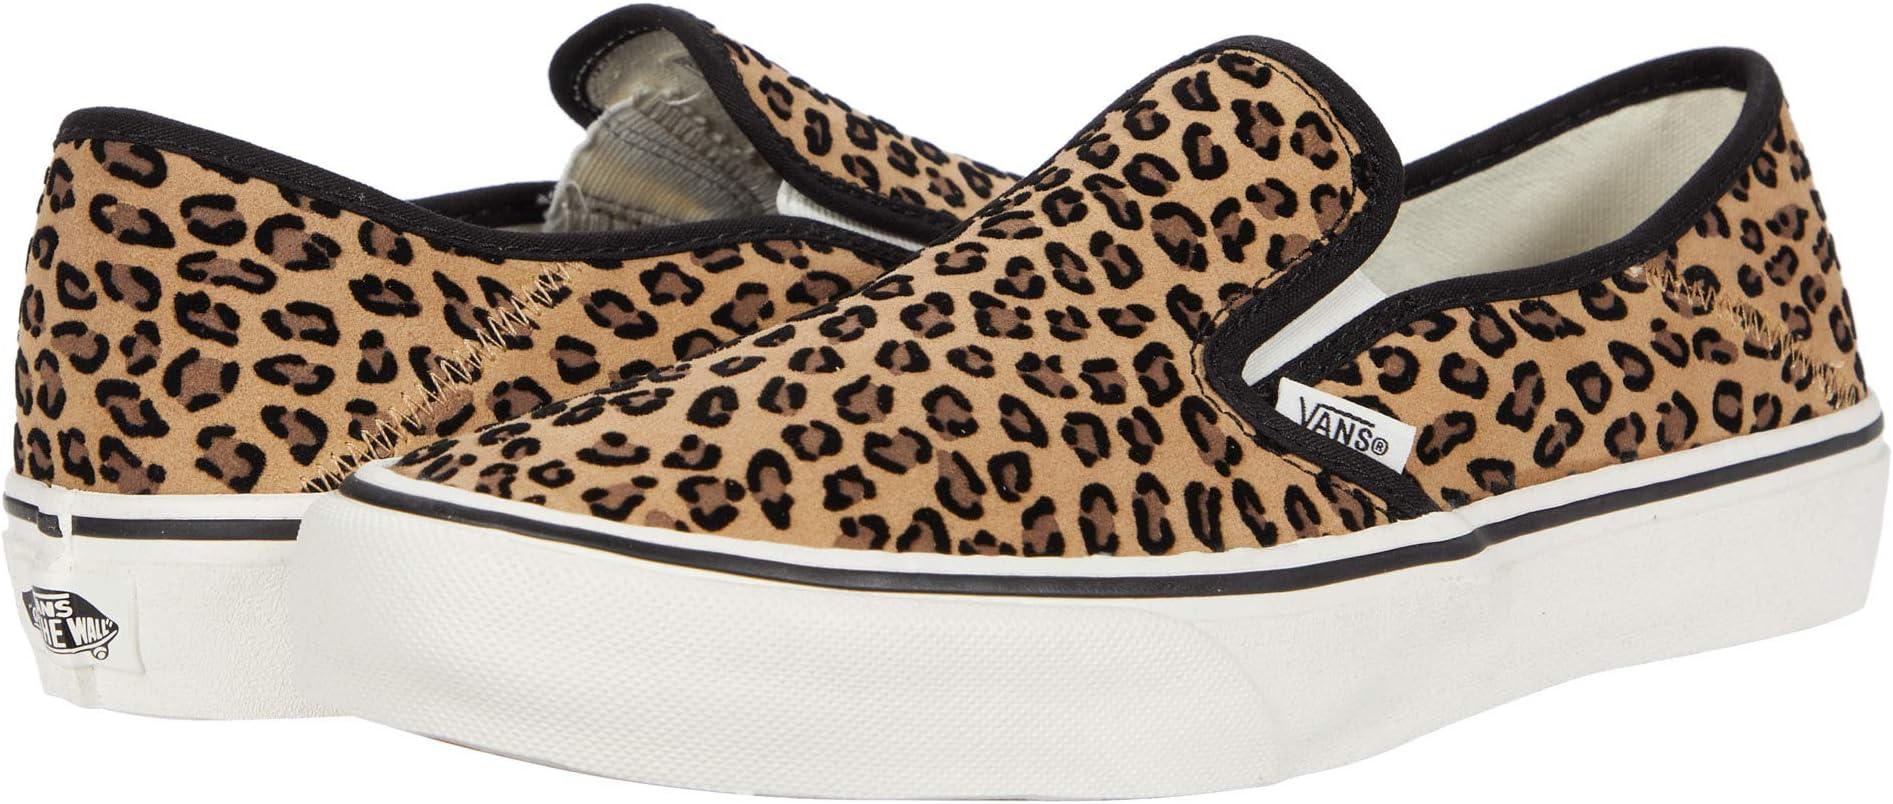 Vans | Shoes, Sneakers, Apparel